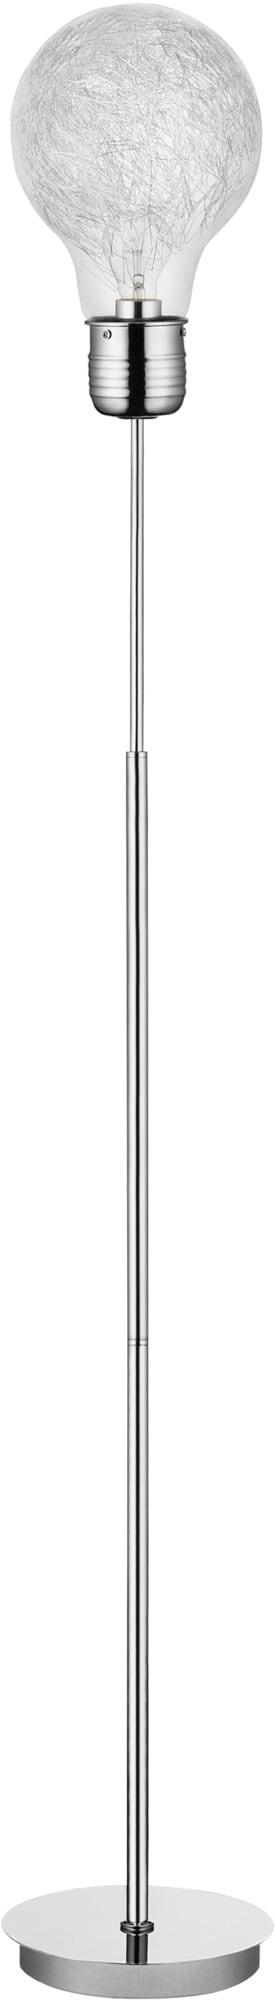 Floor lamp Bulb chrome E27 60W